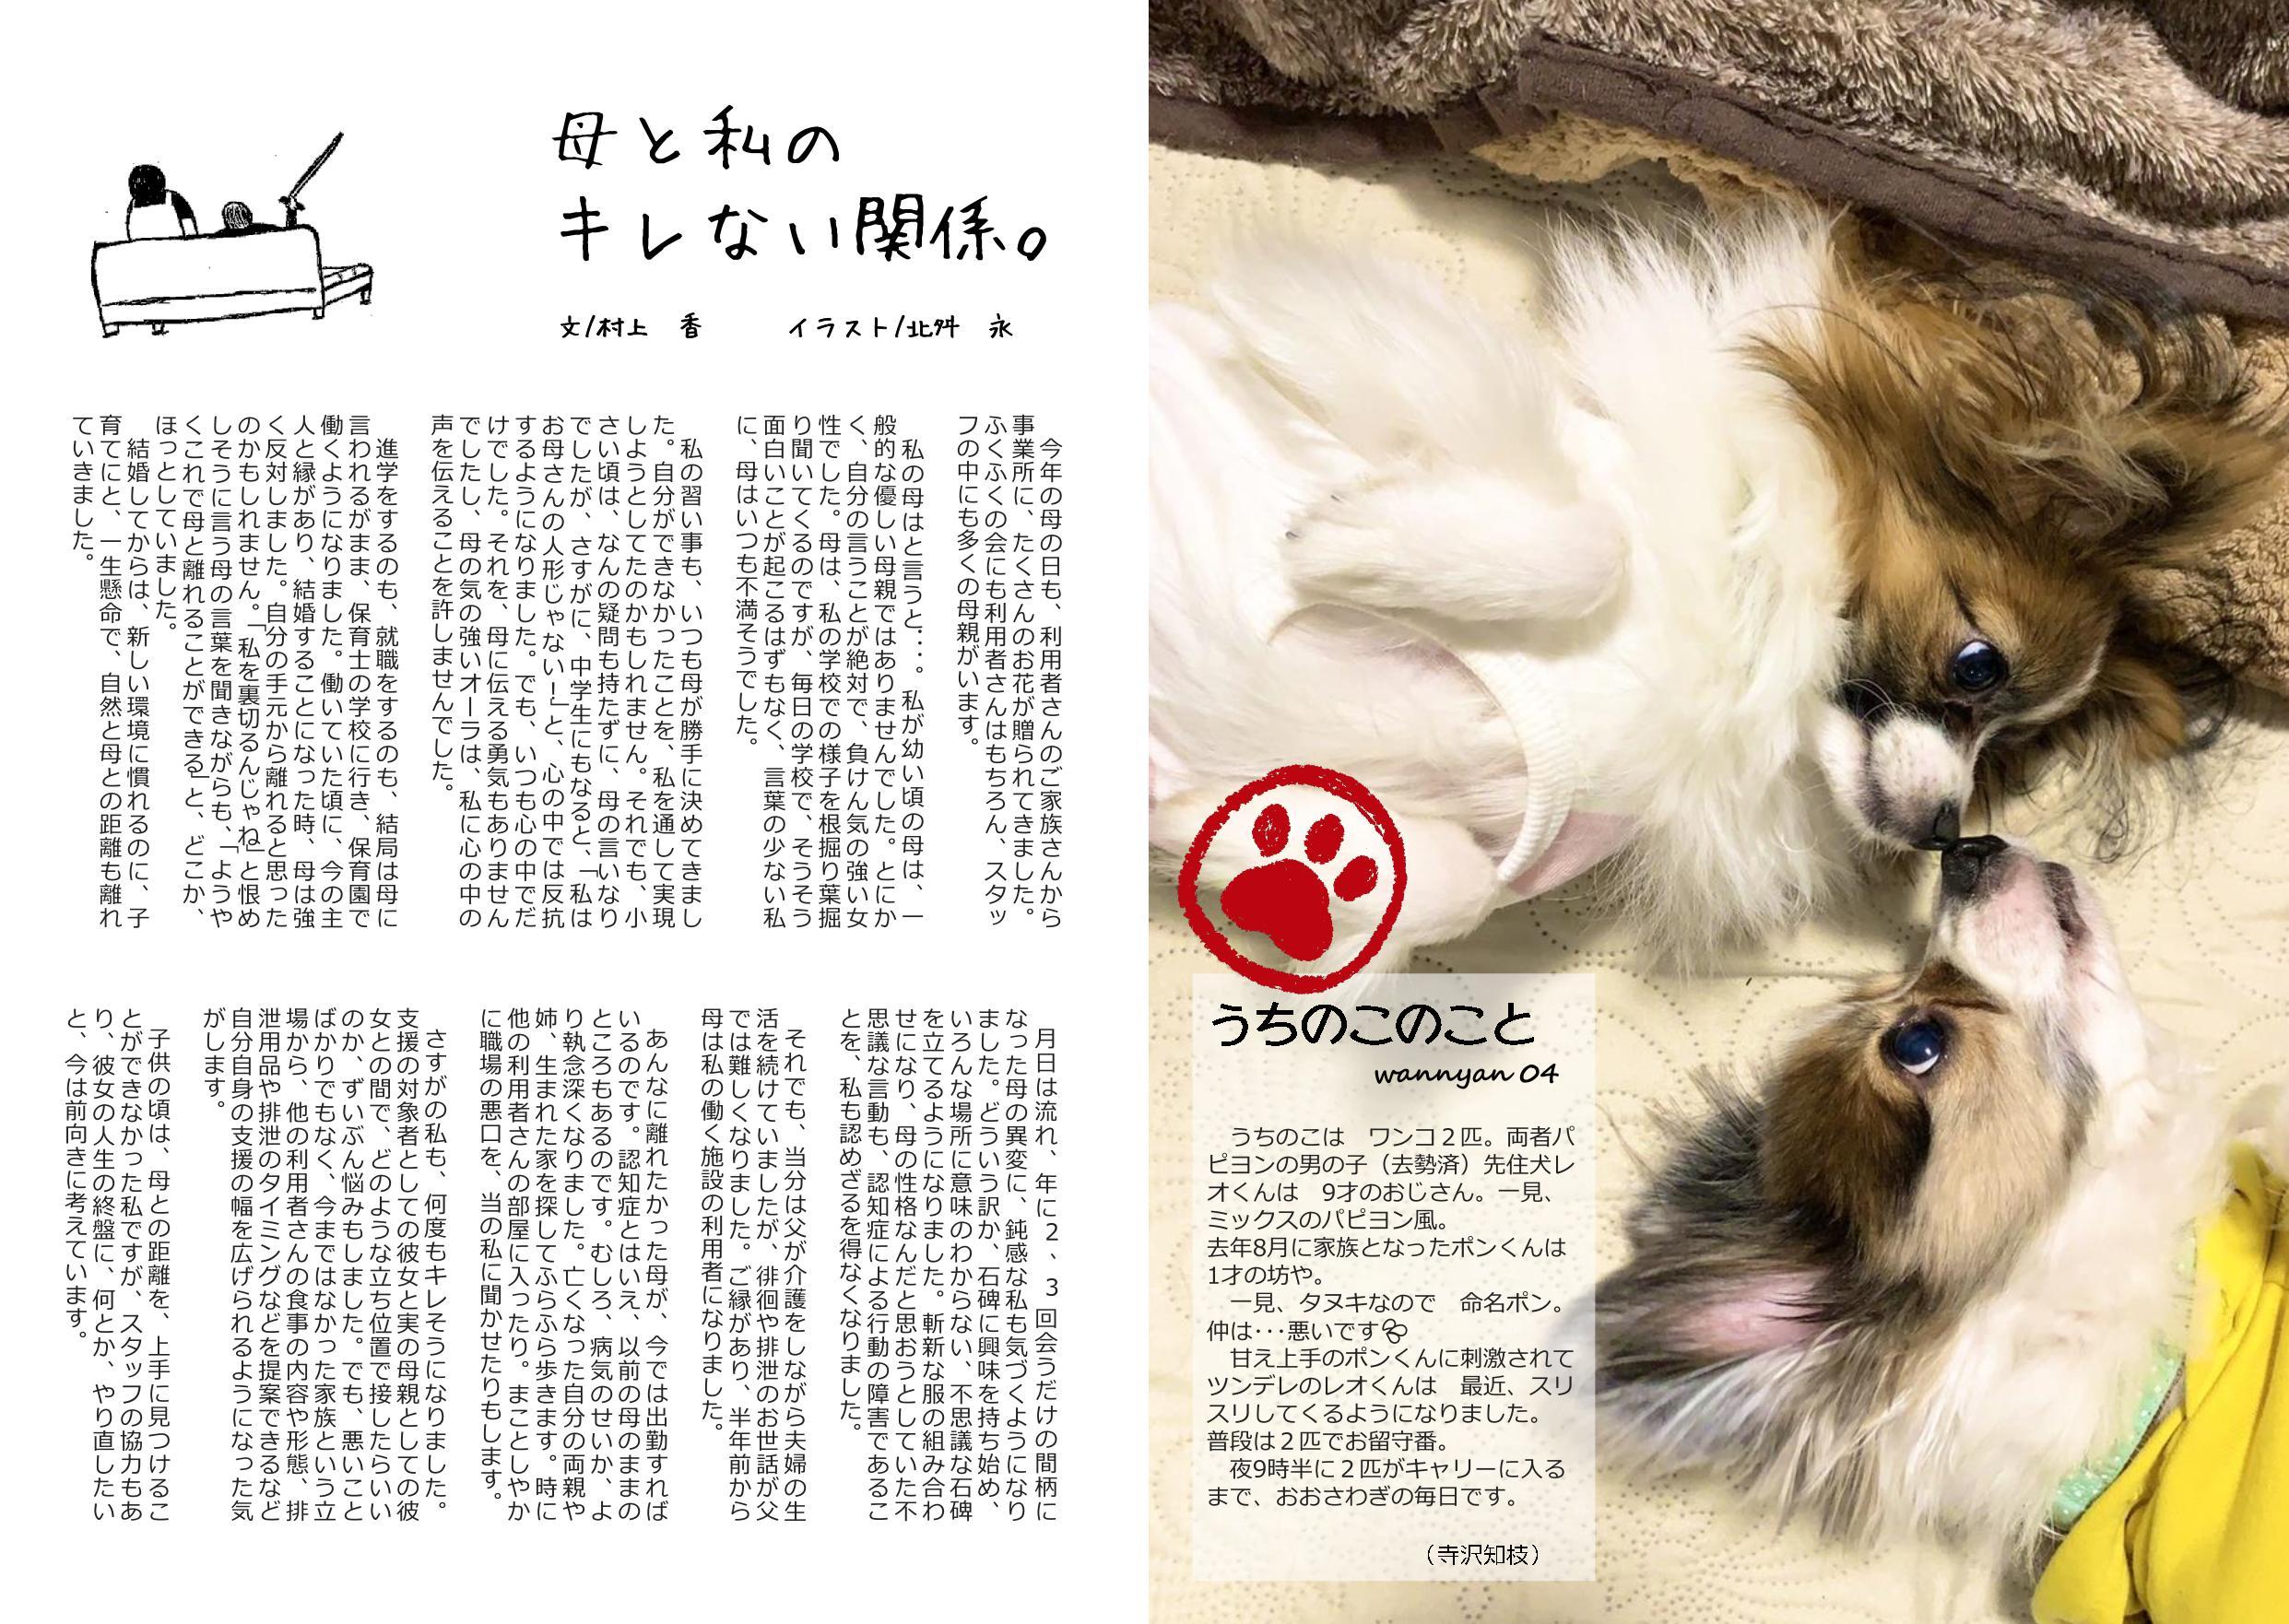 http://fukufukunokai.com/newsletter/images/5%E6%9C%88%E5%8F%B7_cropped_3.jpeg